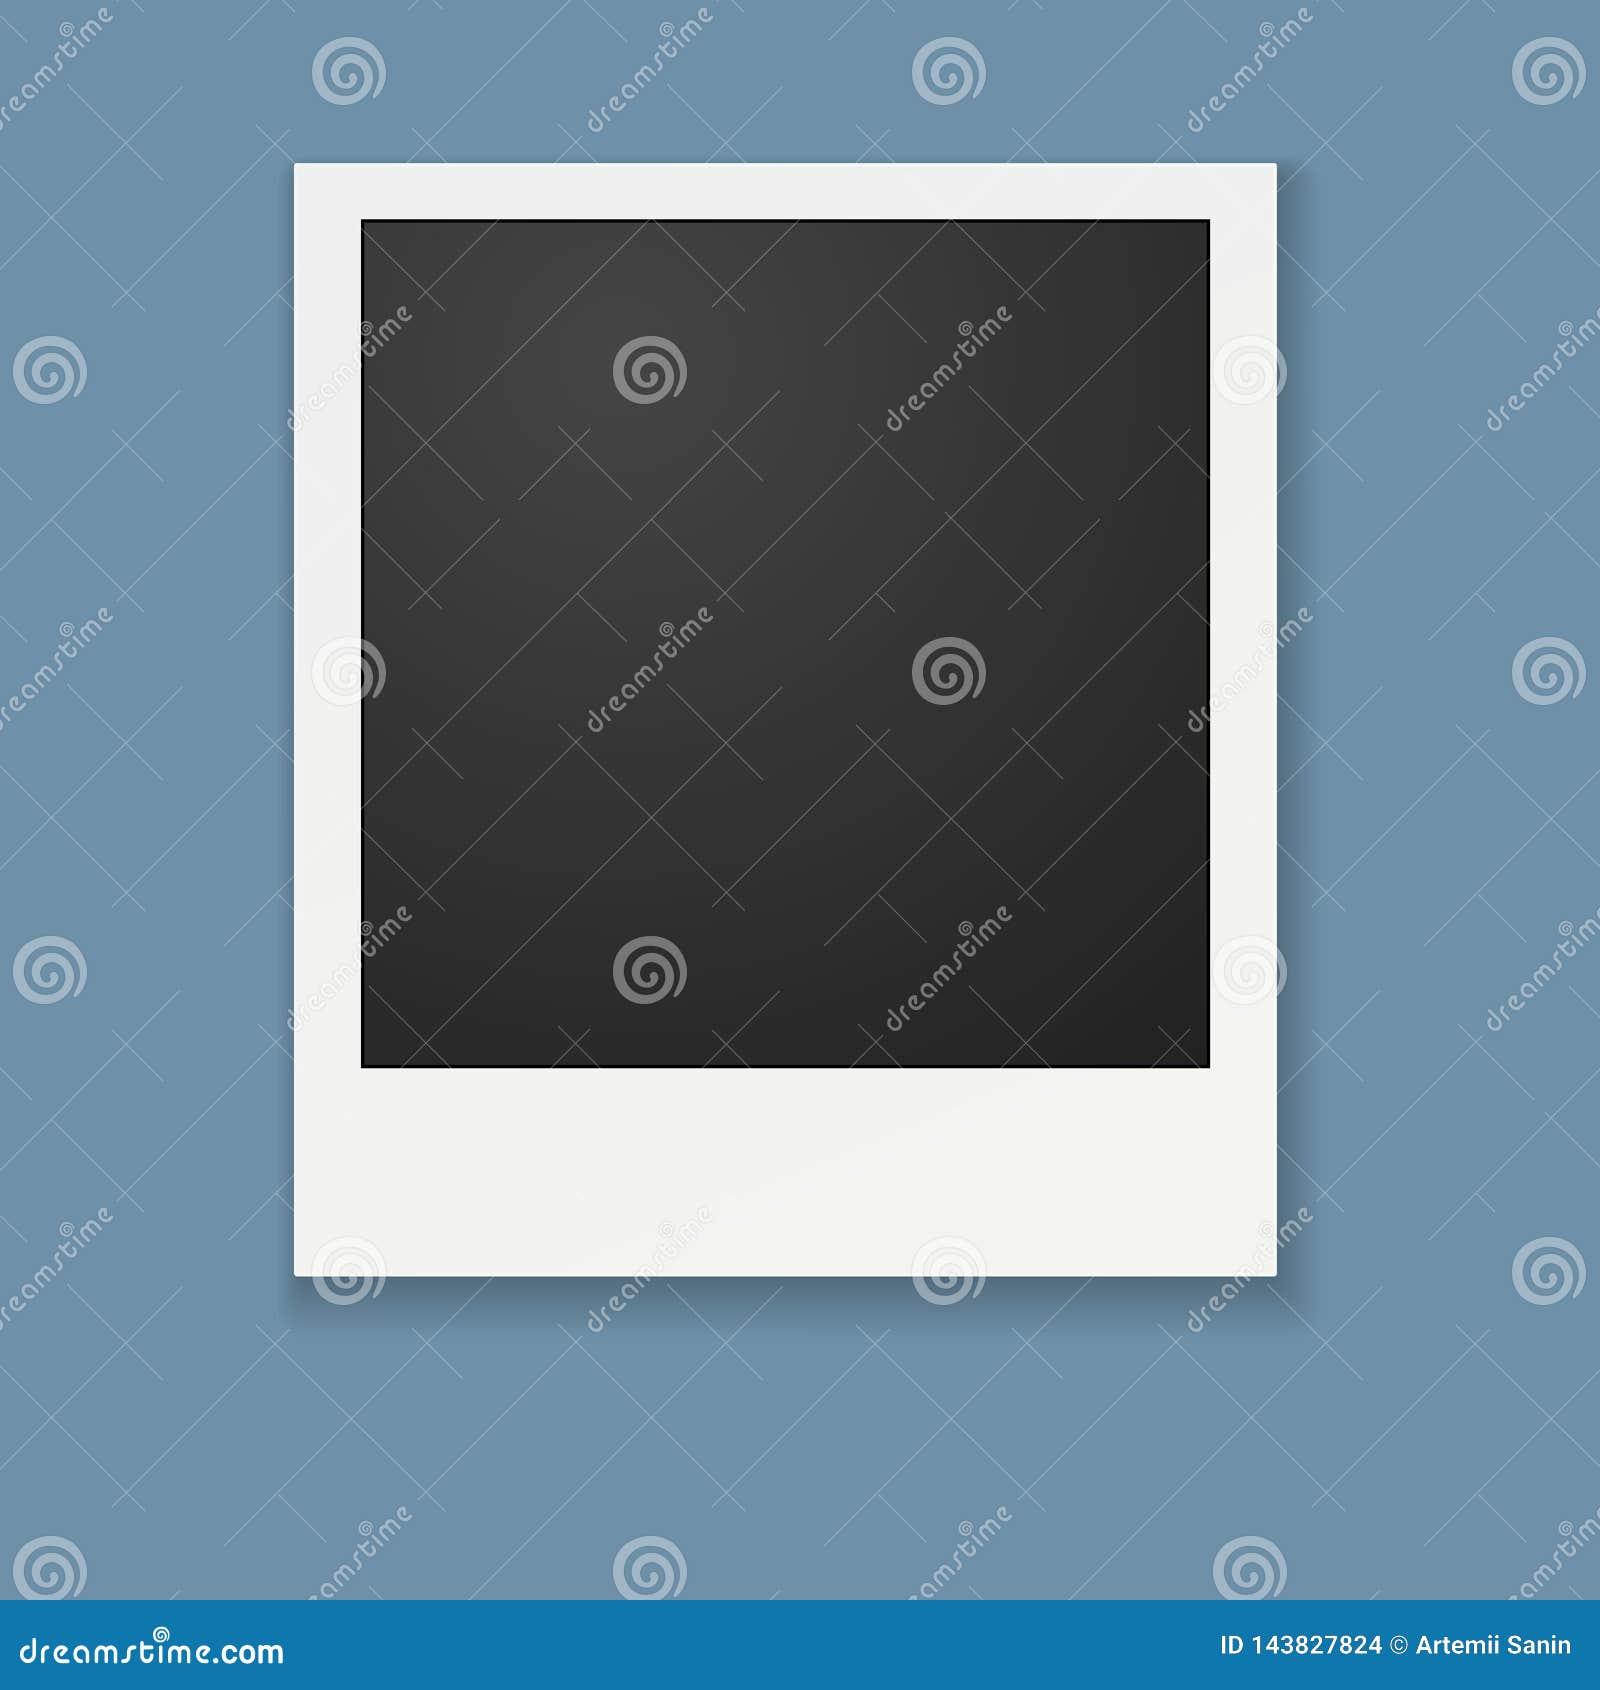 Πρότυπο για τη φωτογραφία, διάνυσμα πλαισίων Polaroid για το σχέδιο